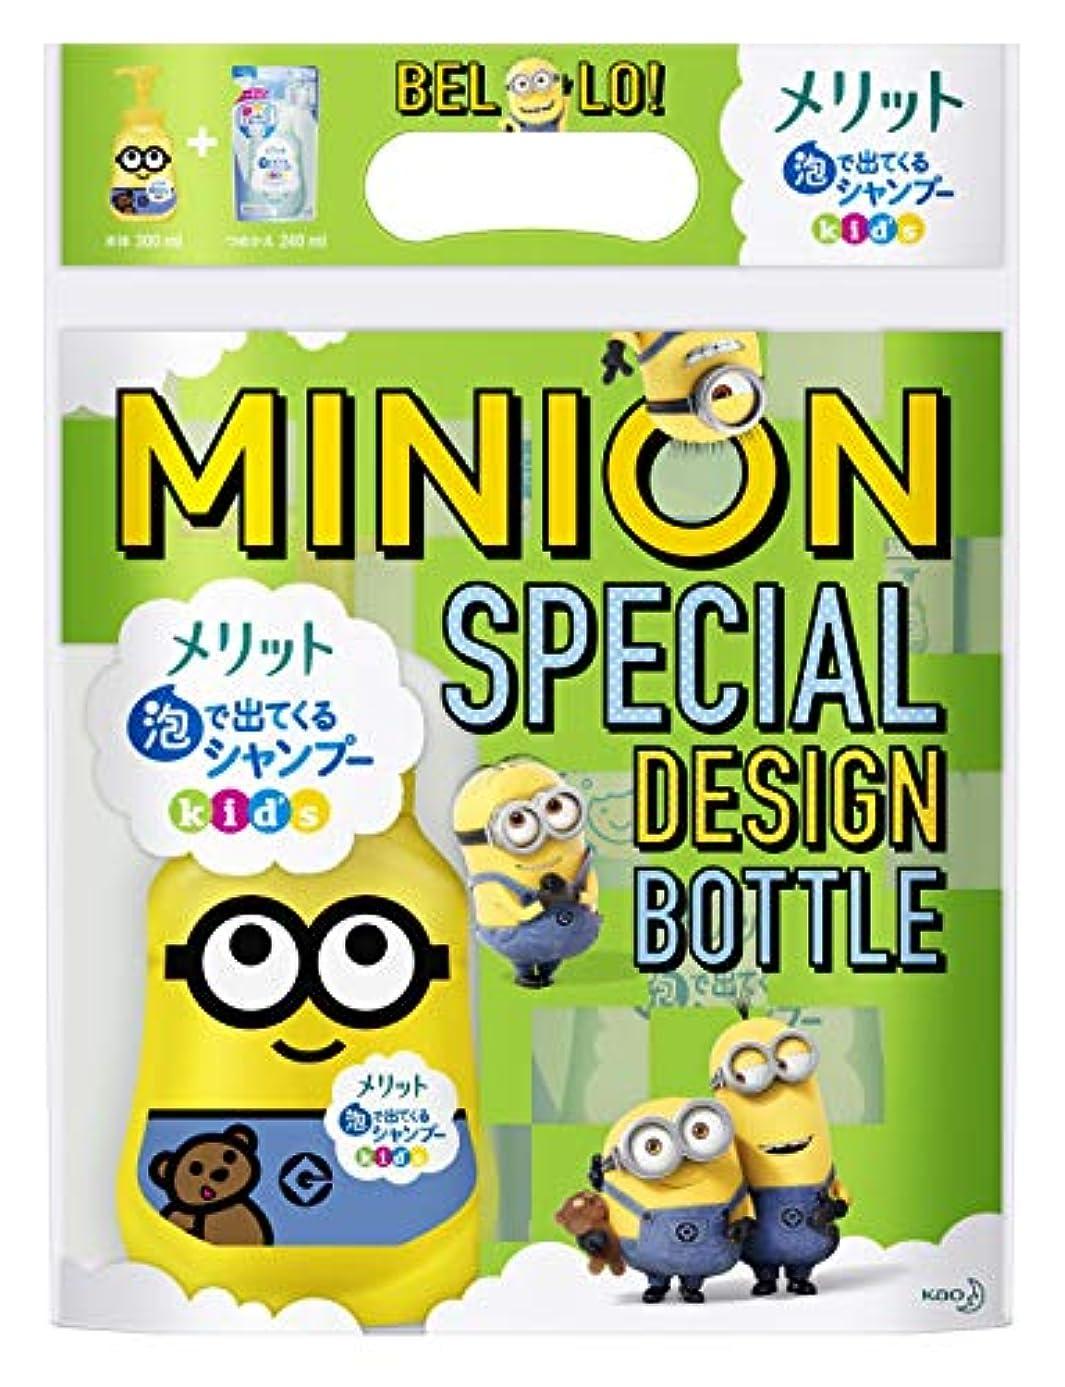 ワーディアンケース百年こんにちはメリット 泡で出てくるシャンプー キッズ ミニオン スペシャルデザインボトル [ Minion Special Design Bottle ] + つめかえ用セット (デザインボトル300ml+つめかえ用240ml)